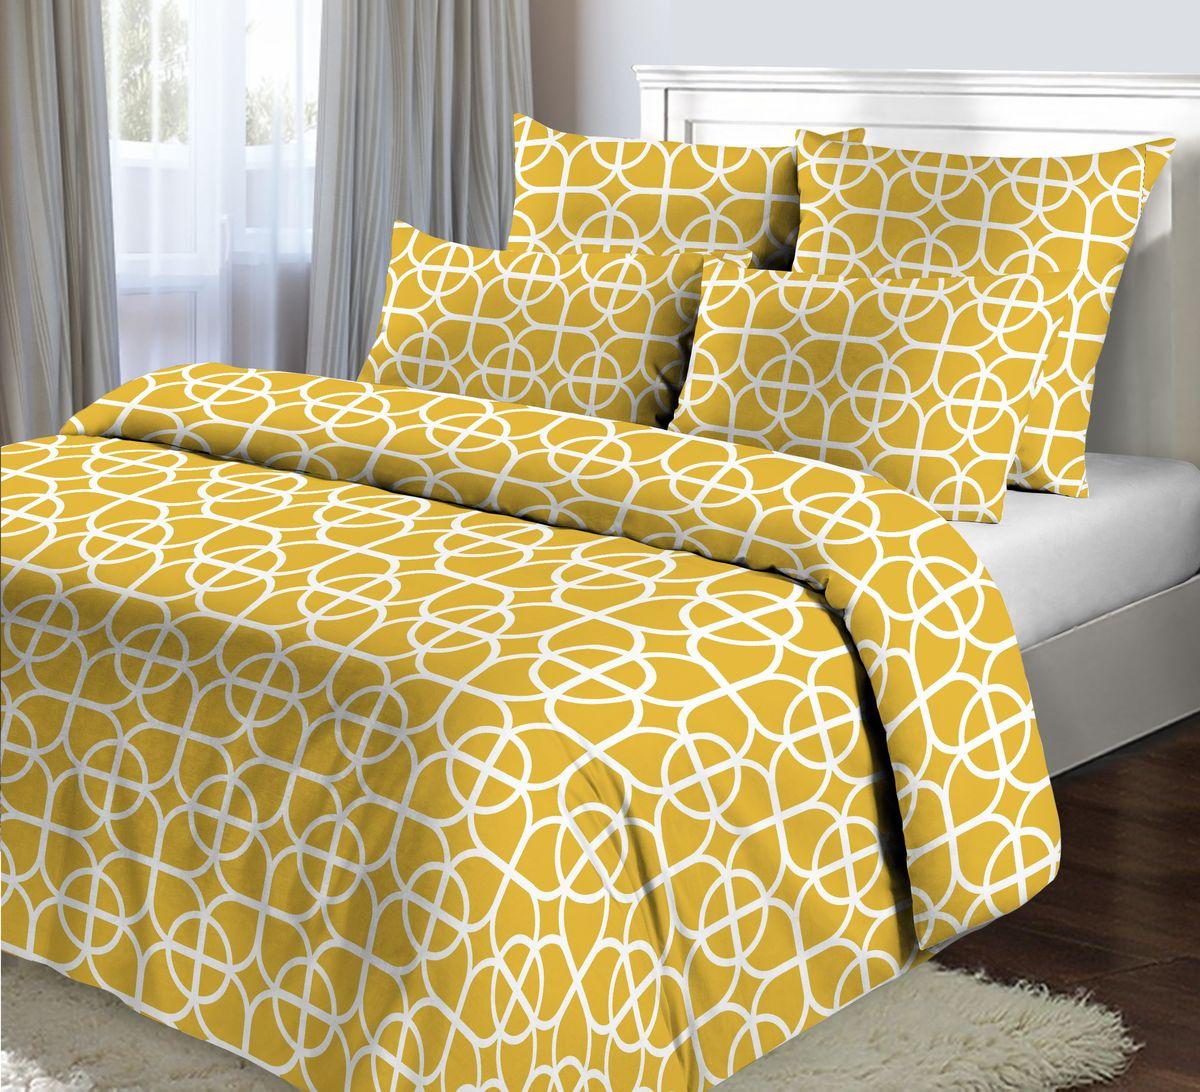 Комплект белья Коллекция Гео-3, 1,5-спальный, наволочки 50х70ОБК-1,5/50 5047.5